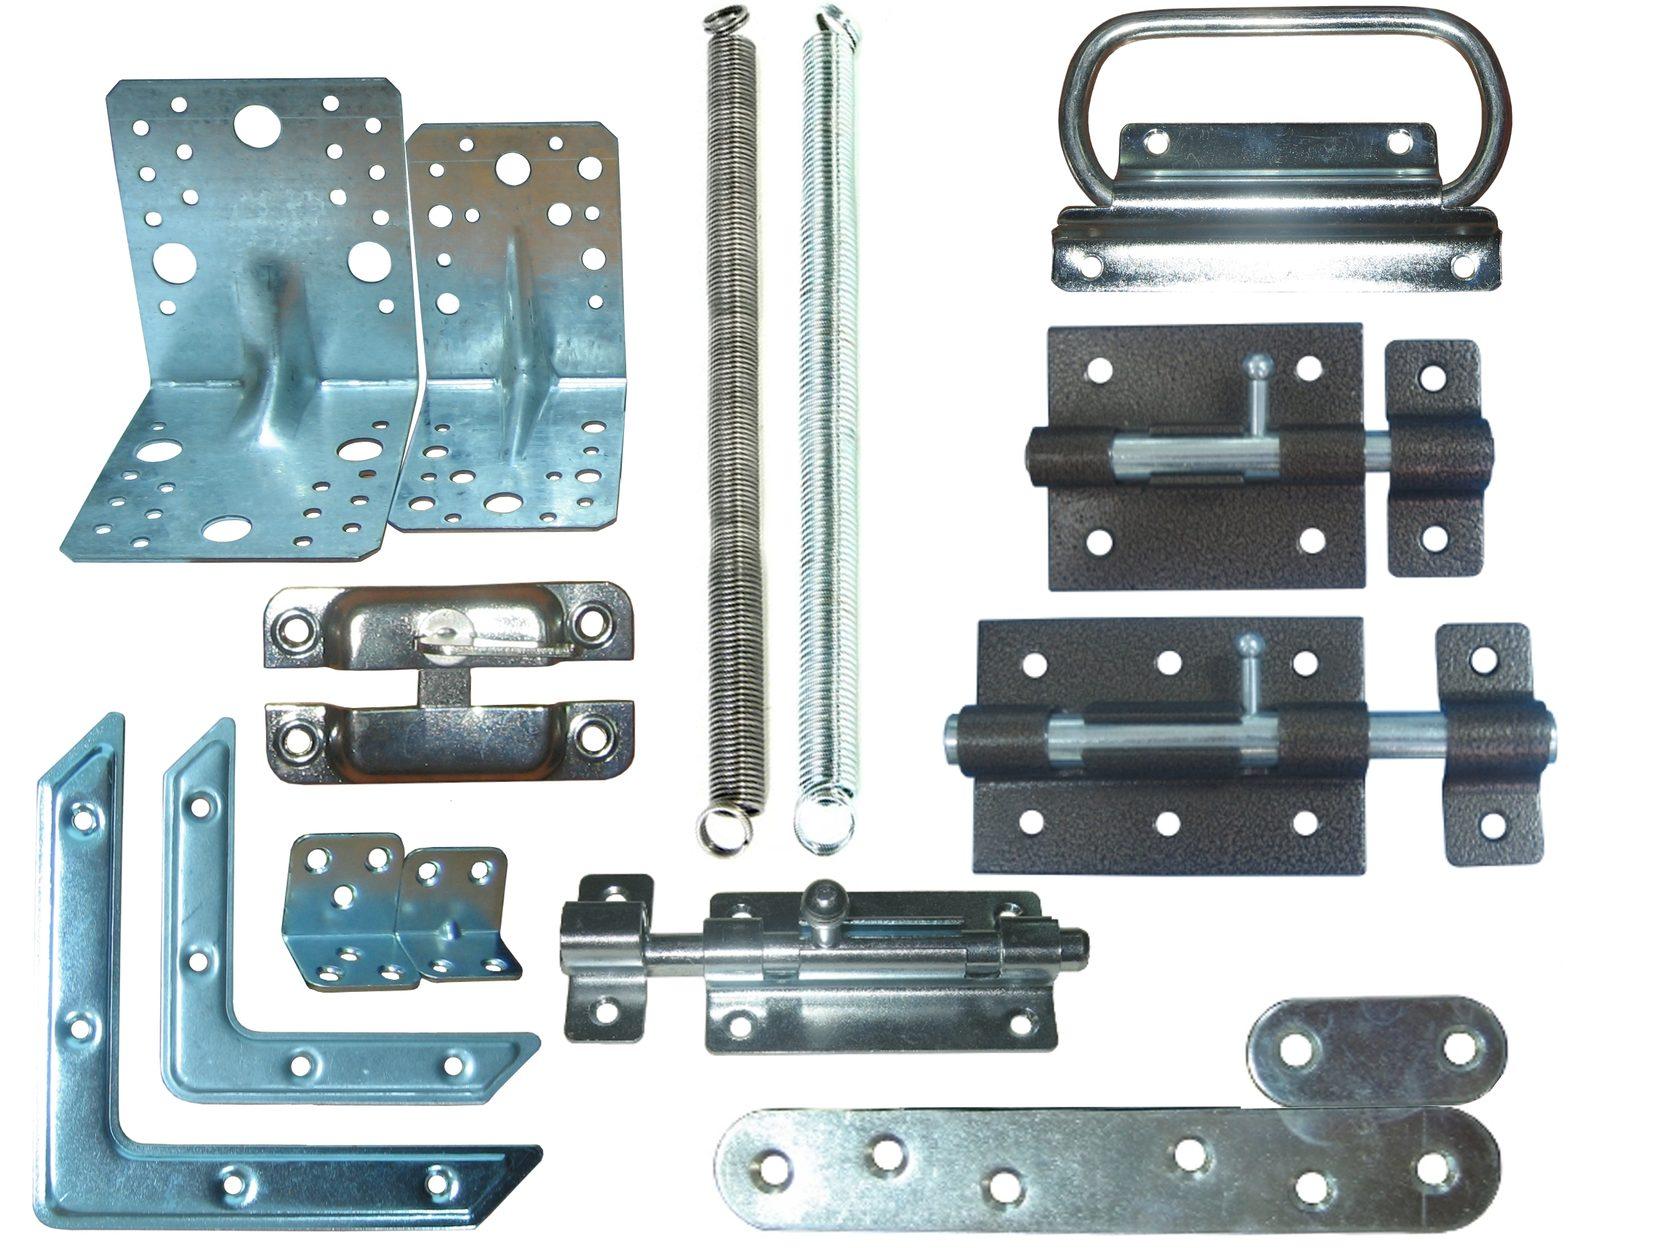 Гост 538-2001 изделия замочные и скобяные. общие технические условия, гост от 07 мая 2002 года №538-2001,